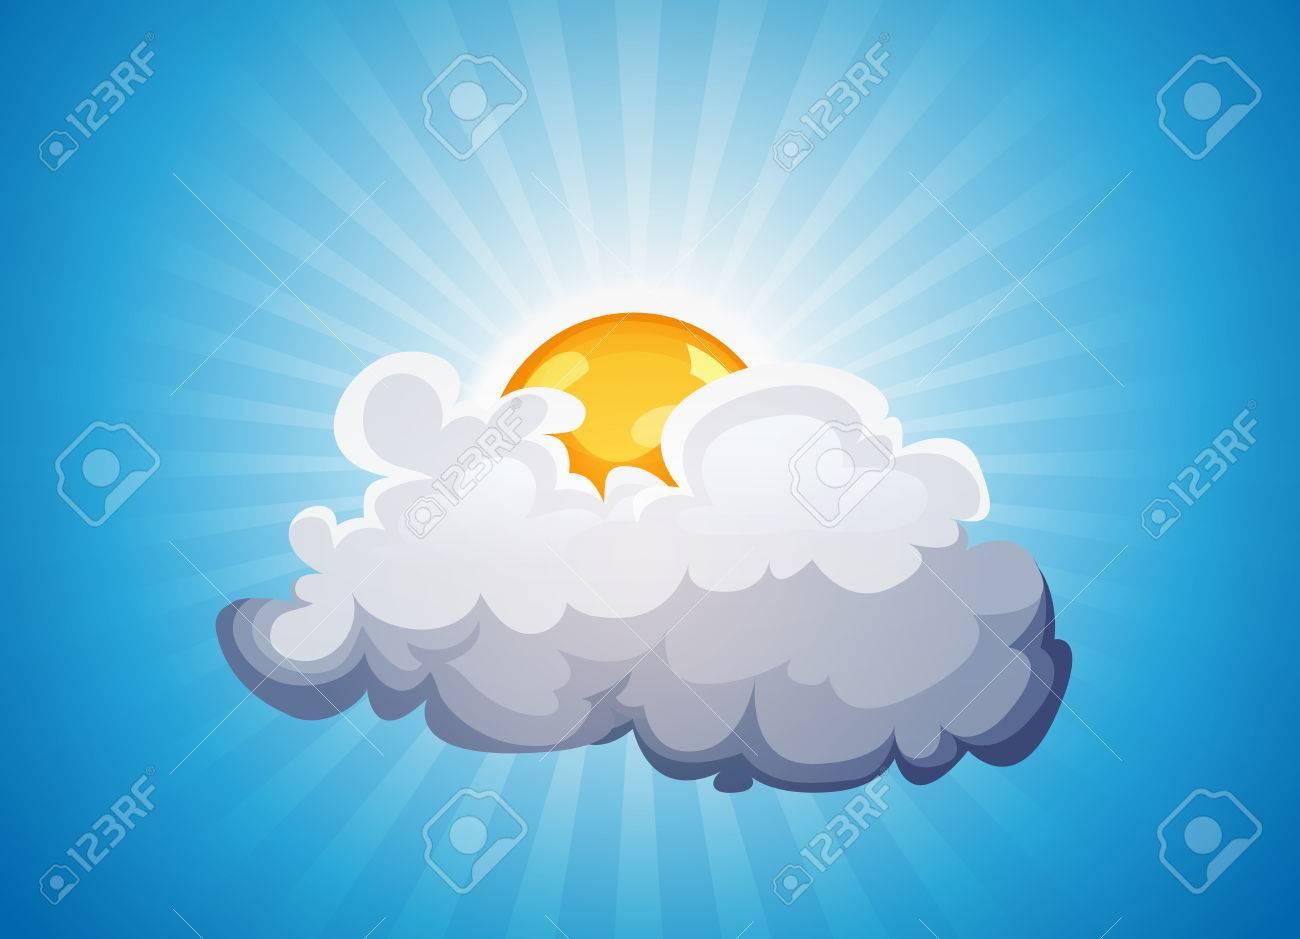 Ilustración De Un Fondo De Cielo Dibujos Animados Con El Sol Que